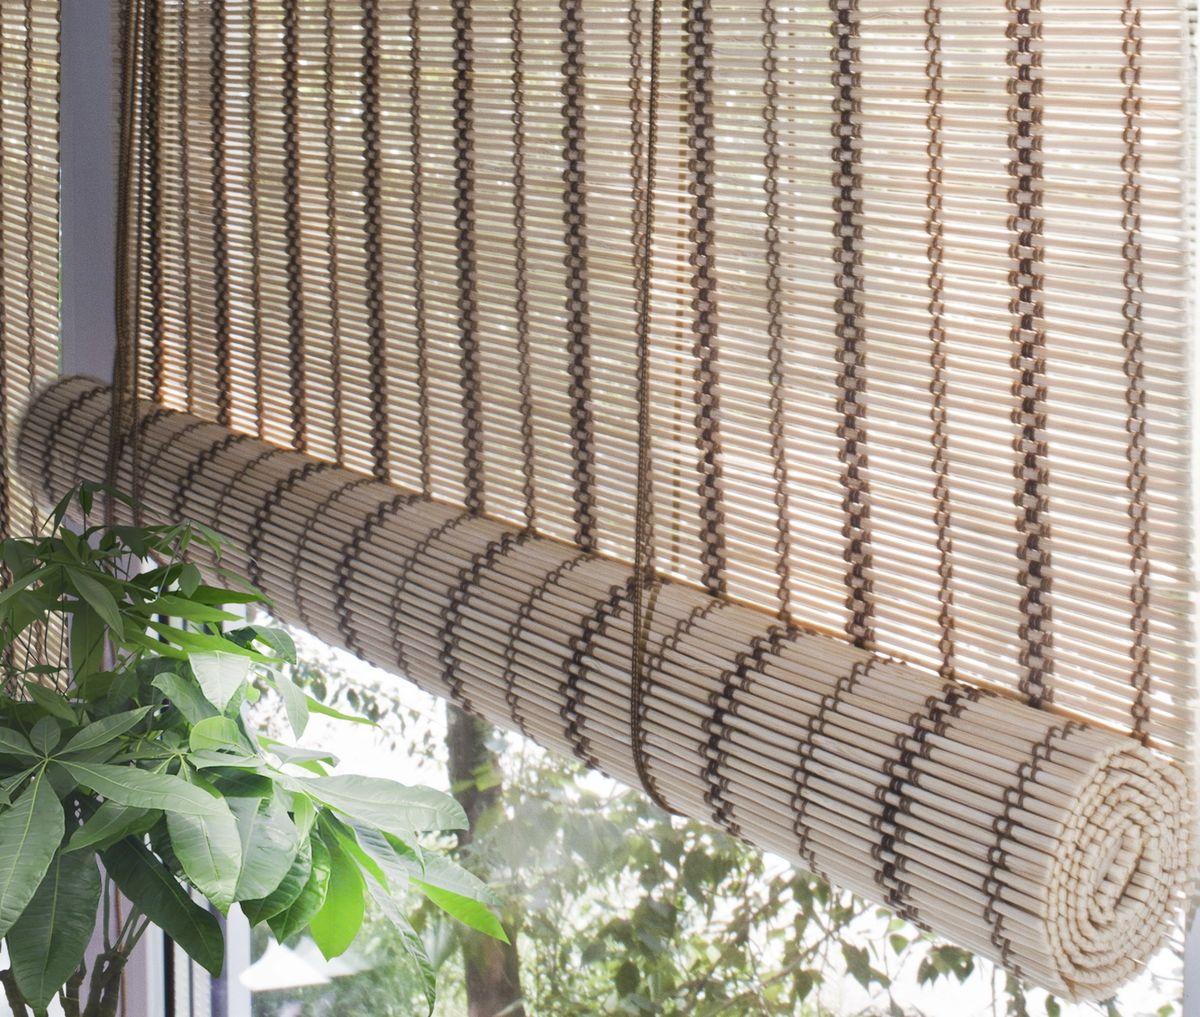 При оформлении интерьера современных помещений многие отдают предпочтение природным материалам. Бамбуковые рулонные шторы - одно из натуральных изделий, способное сделать атмосферу помещения более уютной и в то же время необычной. Свойства бамбука уникальны: он экологически чист, так как быстро вырастает, благодаря чему не успевает накопить вредные вещества из окружающей среды. Кроме того, растение обладает противомикробным и антибактериальным действием. Занавеси из бамбука безопасно использовать в помещениях, где находятся новорожденные дети и люди, склонные к аллергии. Они незаменимы для тех, кто заботится о своем здоровье и уделяет внимание высокому уровню жизни.  Бамбуковые рулонные шторы представляют собой полотно, состоящее из тонких бамбуковых стеблей и сворачиваемое в рулон.  Римские бамбуковые шторы, как и тканевые римские шторы, при поднятии образуют крупные складки, которые прекрасно декорируют окно.  Особенность устройства полотна позволяет свободно пропускать дневной свет, что обеспечивает мягкое освещение комнаты. Это натуральный влагостойкий материал, который легко вписывается в любой интерьер, хорошо сочетается с различной мебелью и элементами отделки. Использование бамбукового полотна придает помещению необычный вид и визуально расширяет пространство.  Помимо внешней красоты, это еще и очень удобные конструкции, экономящие пространство. Изготавливаются они из специальных материалов, устойчивых к внешним воздействиям. Сама штора очень эргономичная, и позволяет изменять визуально пространство в зависимости от потребностей владельца.